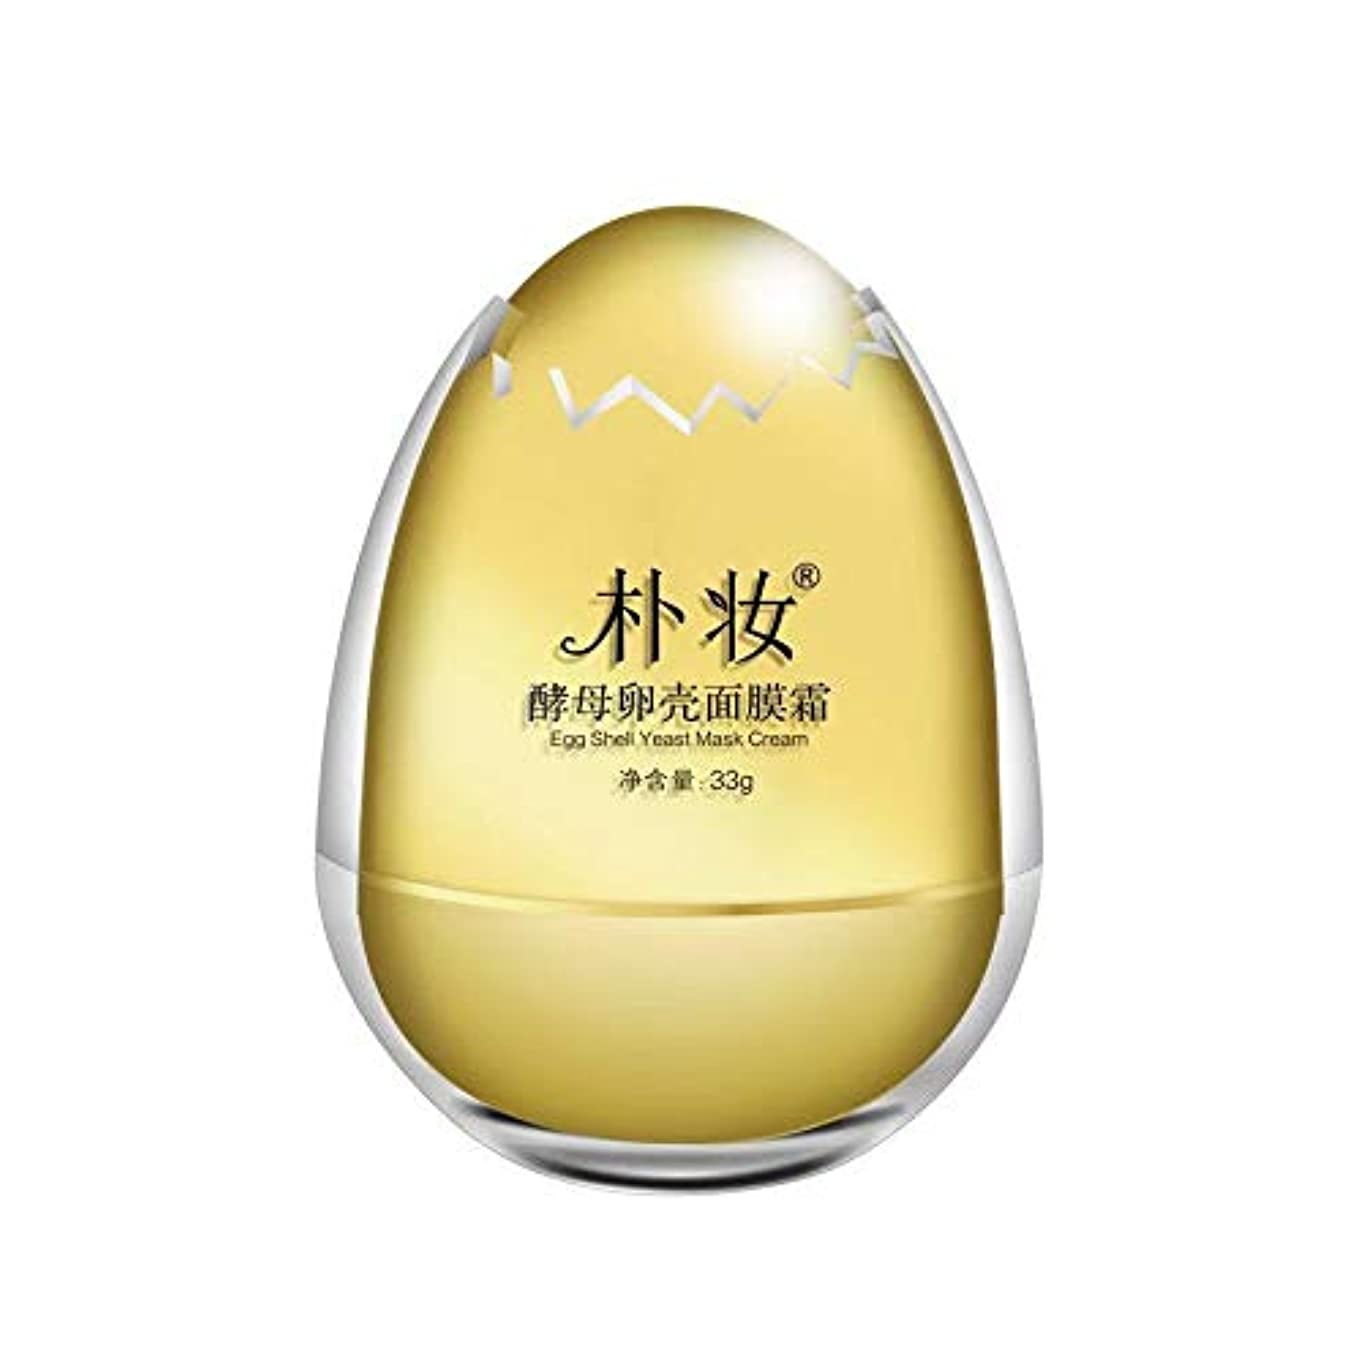 提供する系統的吹きさらし朴妆たんたんパック 酵母卵殻マスククリーム33g しっとりと た肌,シュリンクポア,しわ耐性,肌を引っ張る、